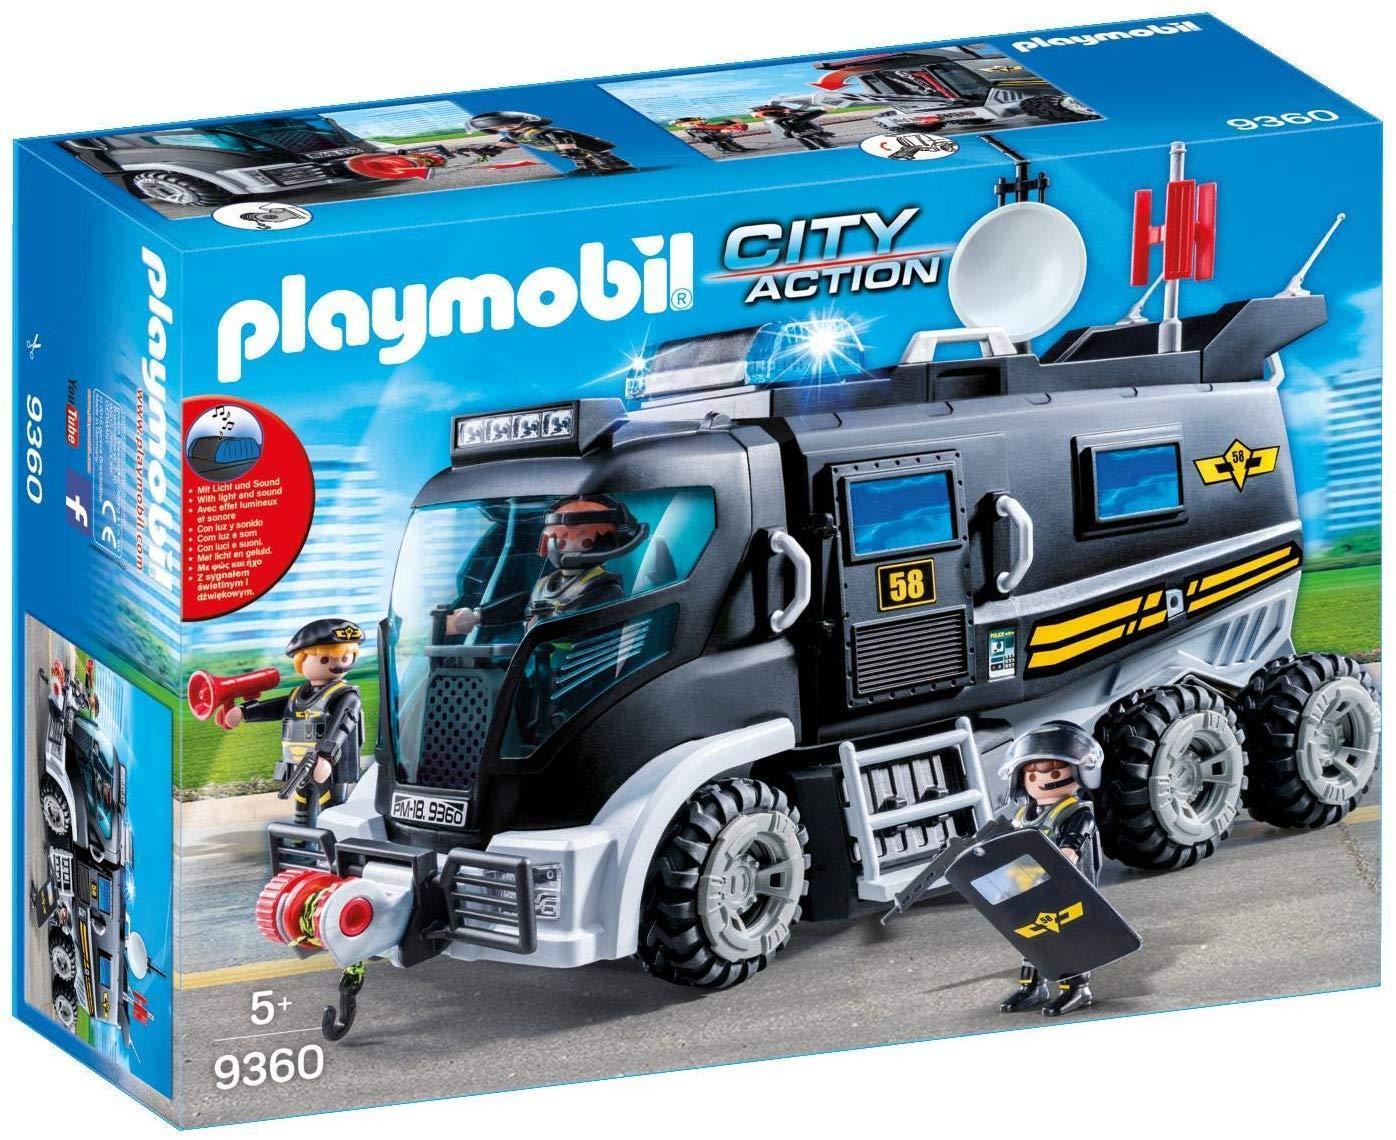 troc de troc recherche playmobil city action image 0